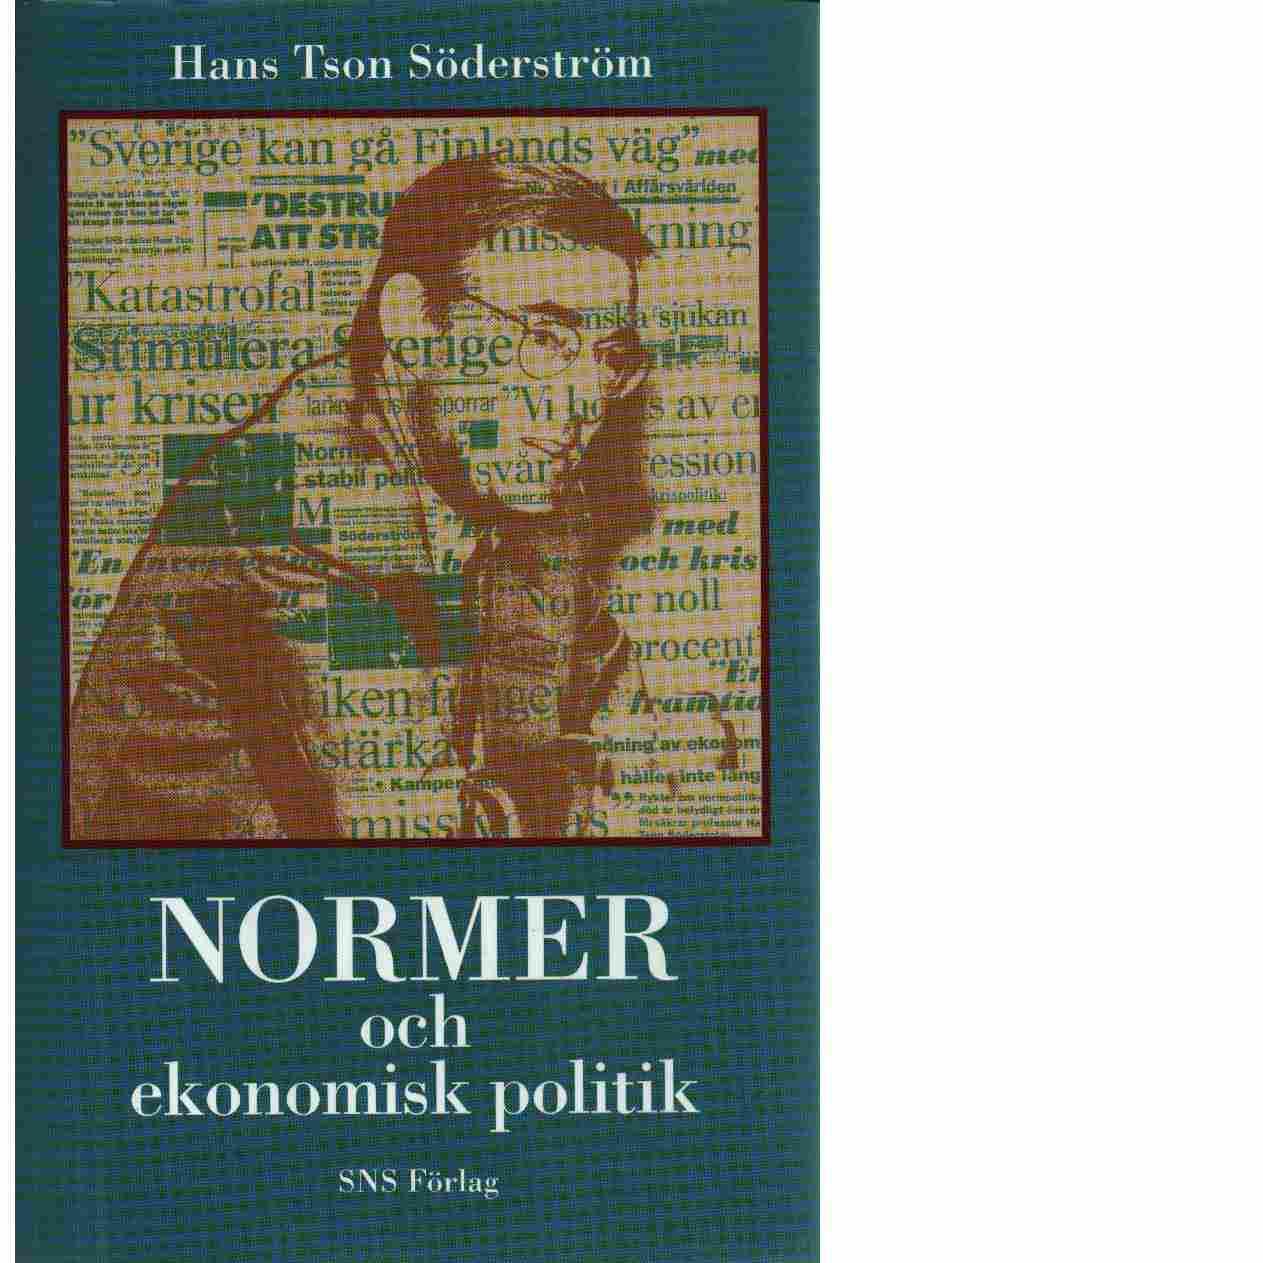 Normer och ekonomisk politik - Söderström, Hans Tson